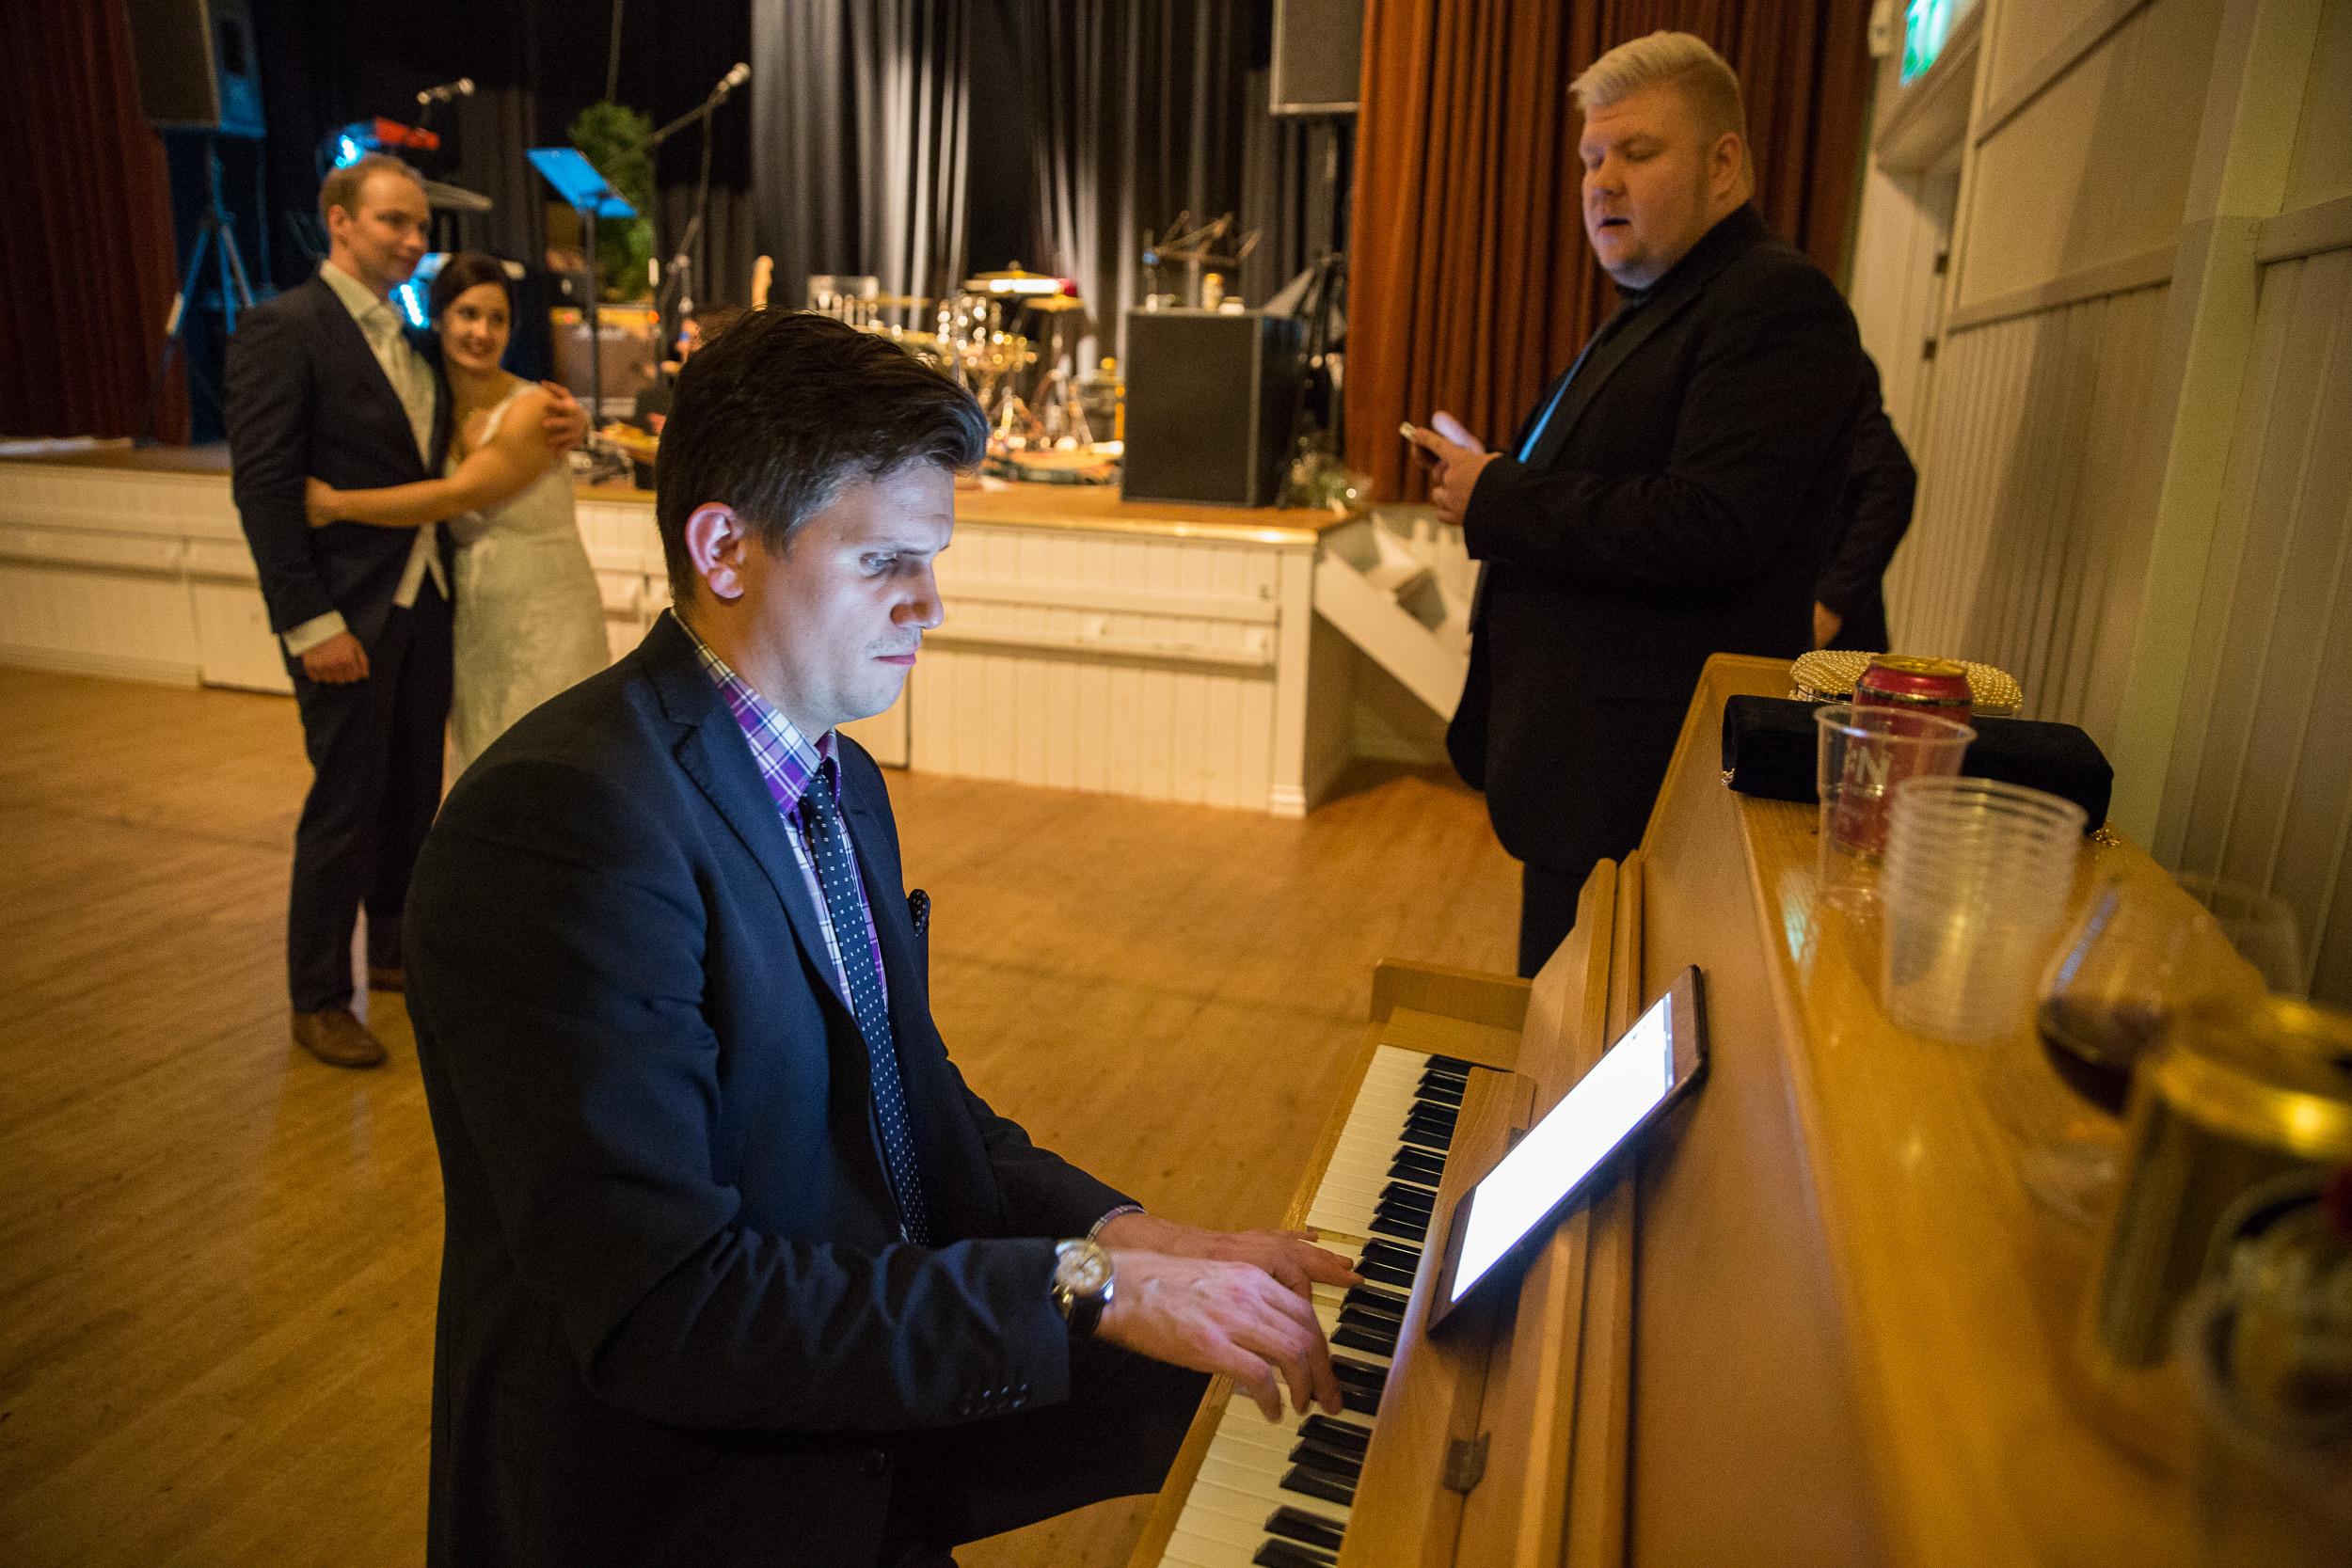 Lauja ja Janne Hääkuvaus 04Nov17 c Alejandro Lorenzo 023.jpg